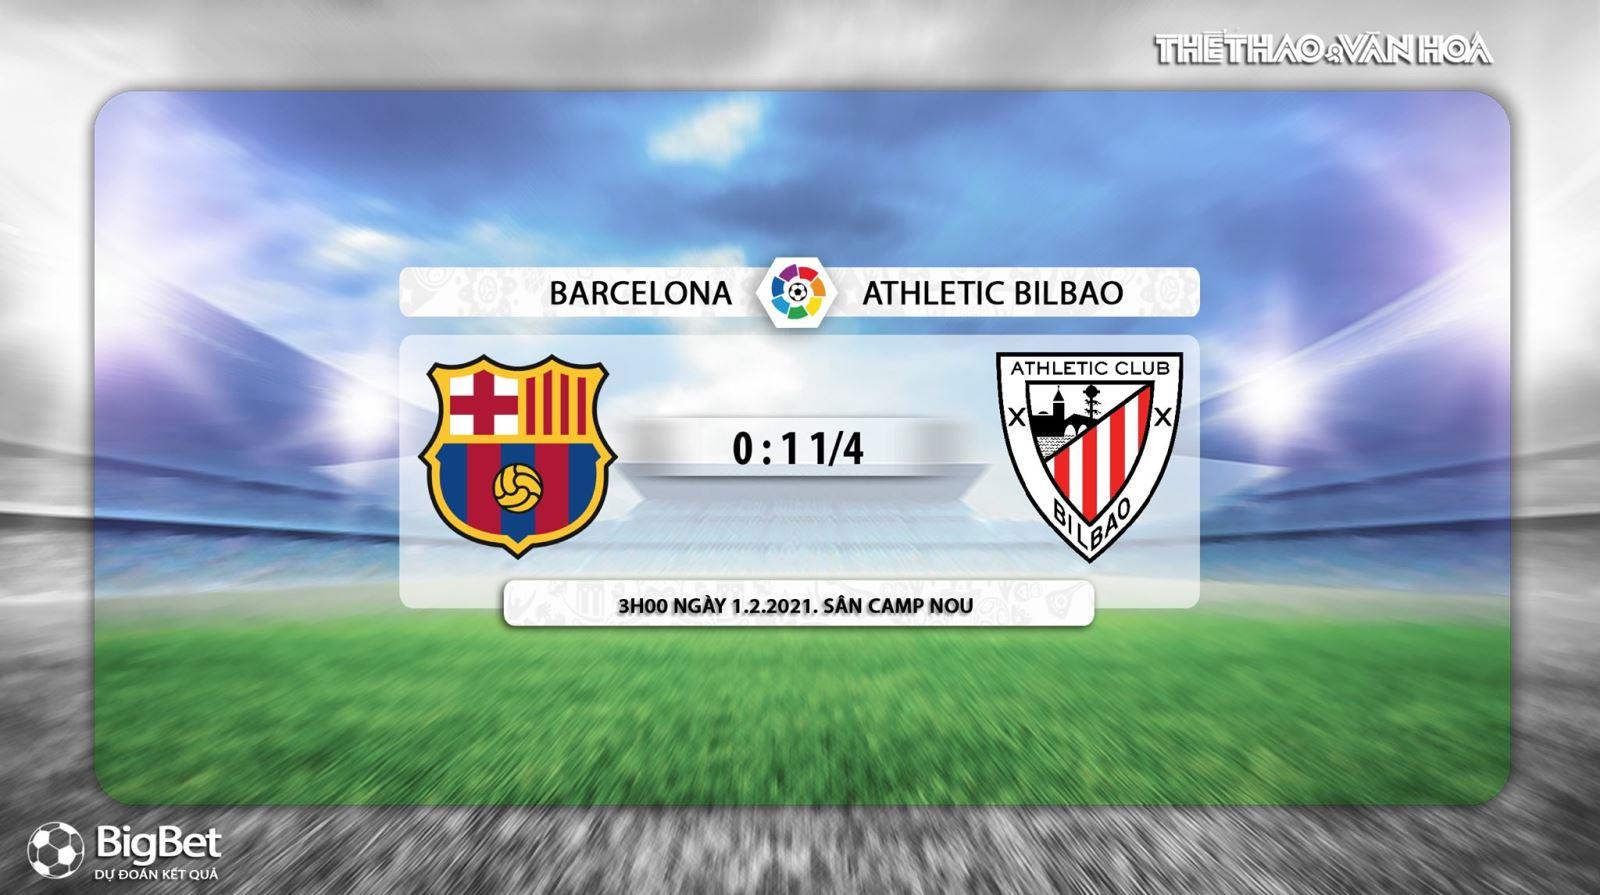 Keo nha cai, Kèo nhà cái, Barcelona vs Bilbao, Trực tiếp bóng đá Tây Ban Nha hôm nay, BĐTV, soi kèo bóng đá Barcelona vs Bilbao, trực tiếp bóng đá La Liga, kèo Barcelona